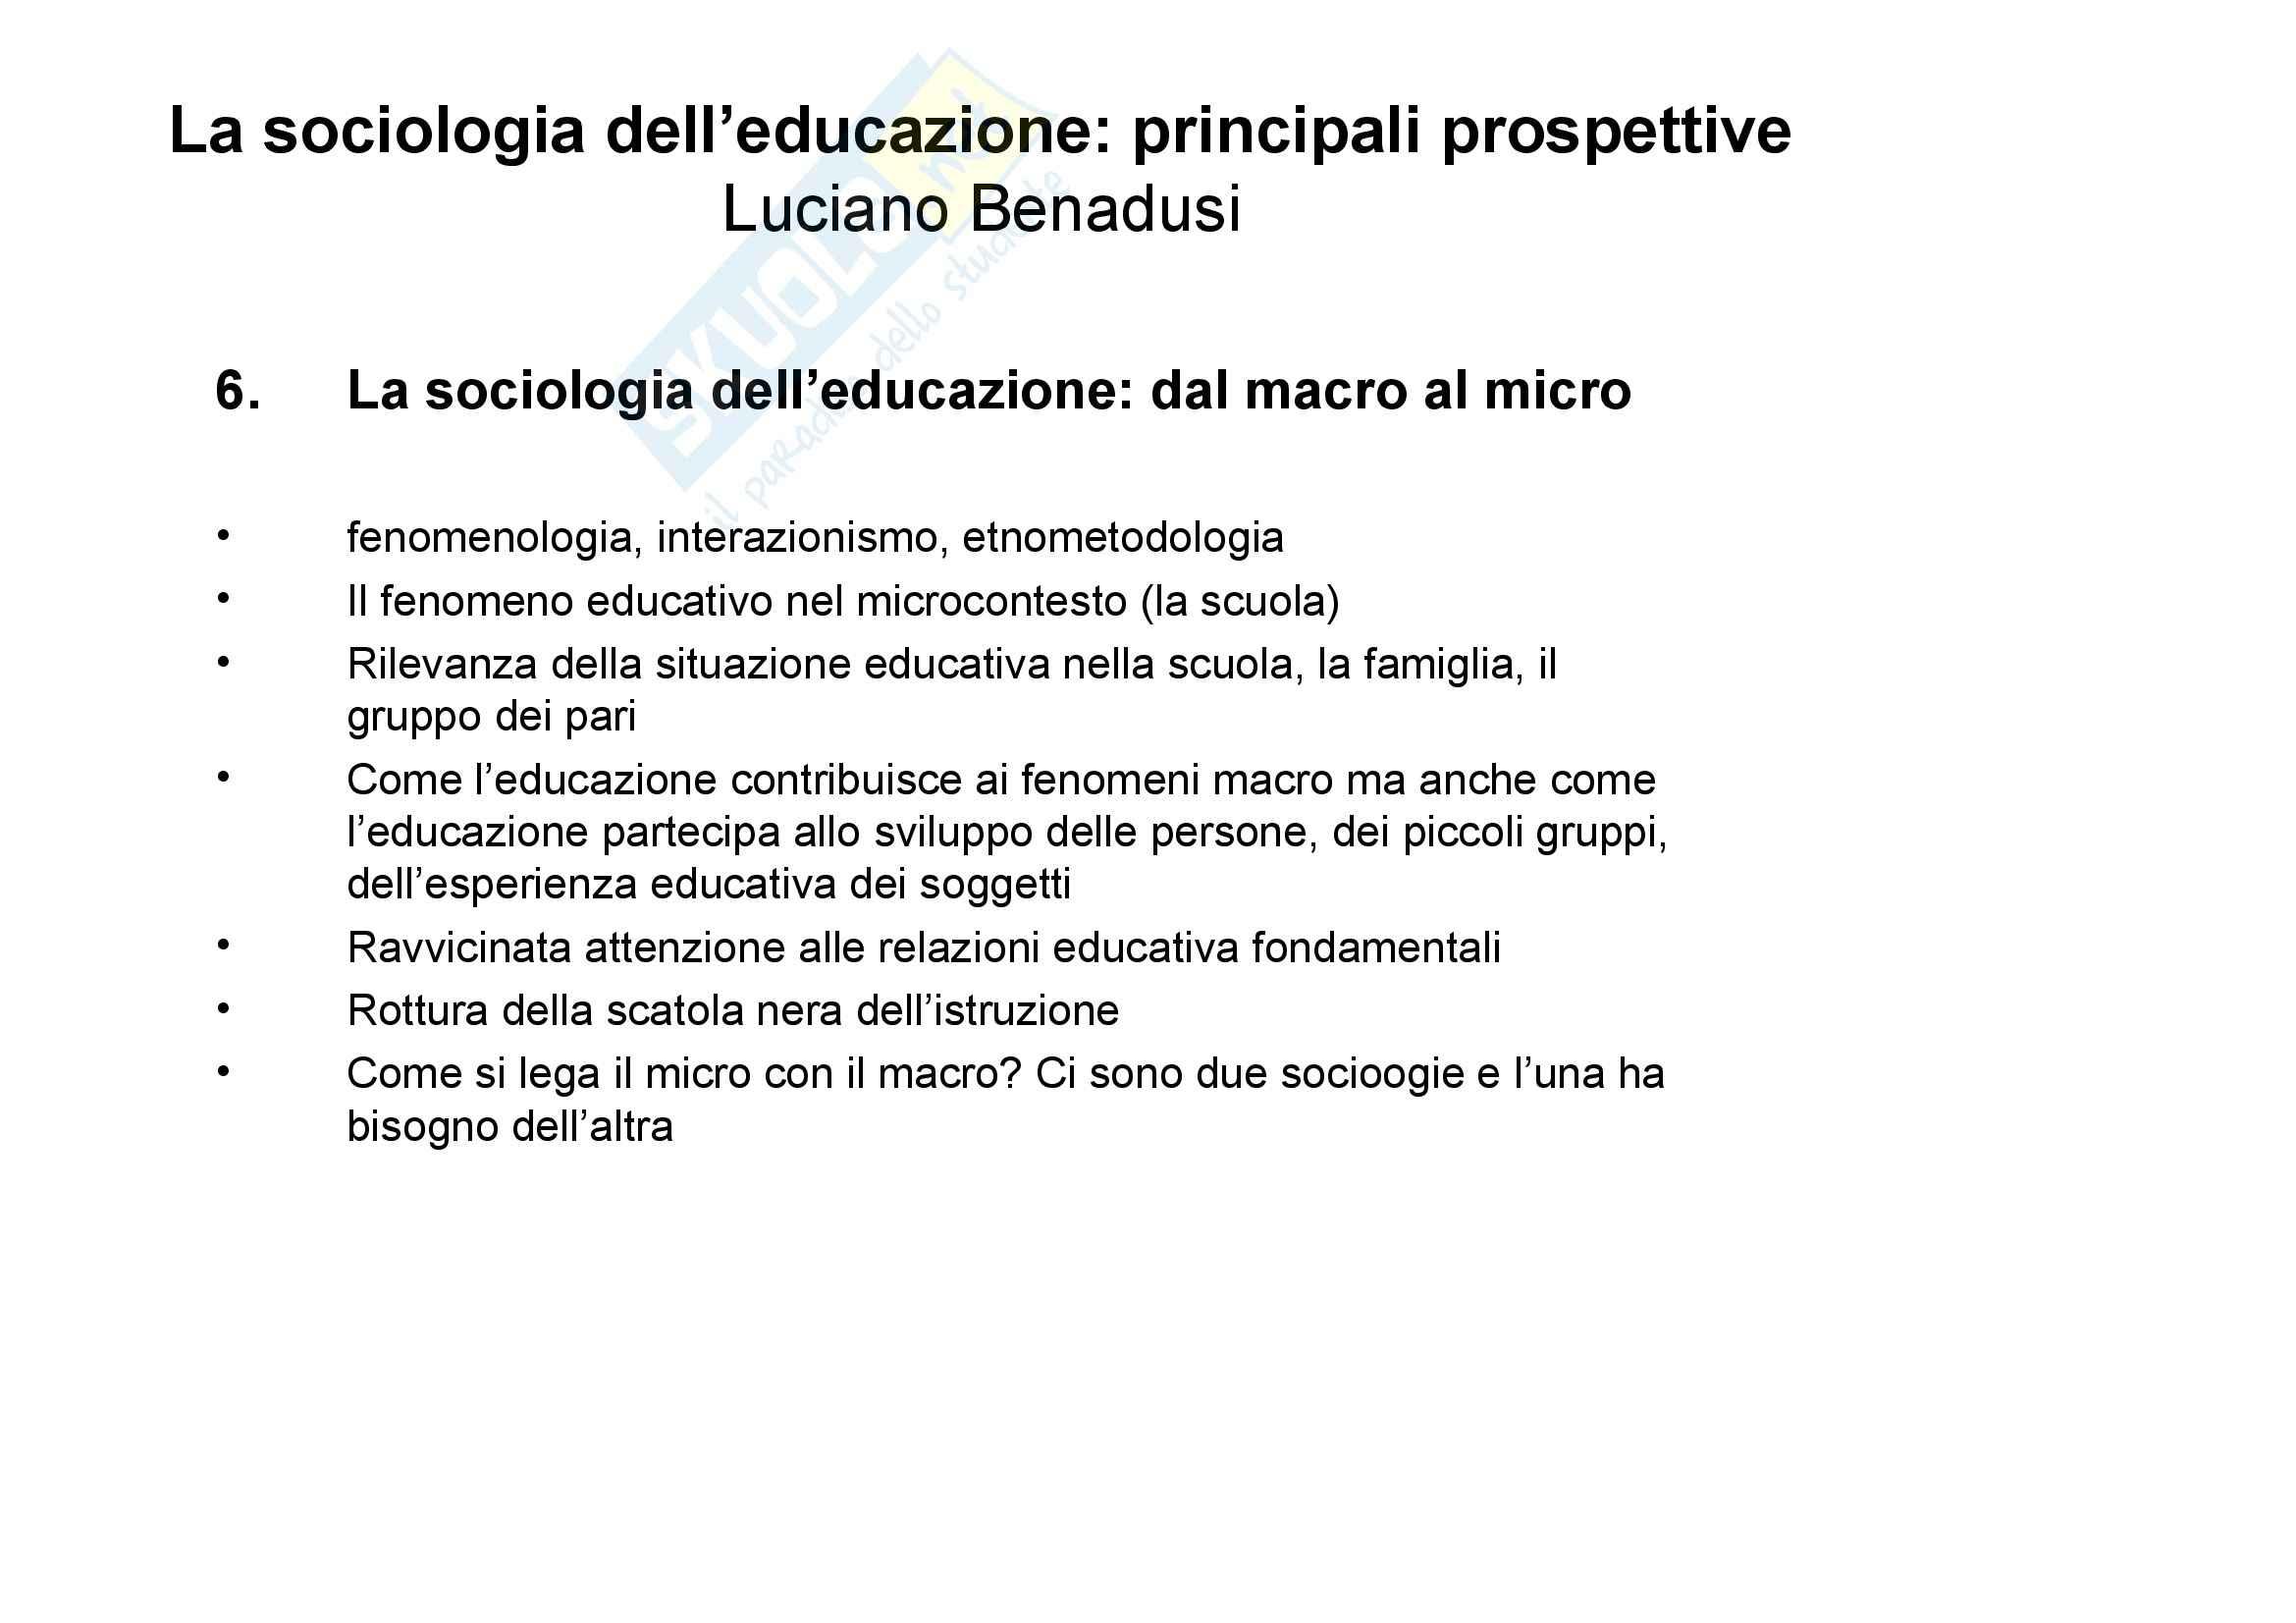 Sociologia dell'educazione - Appunti Pag. 6